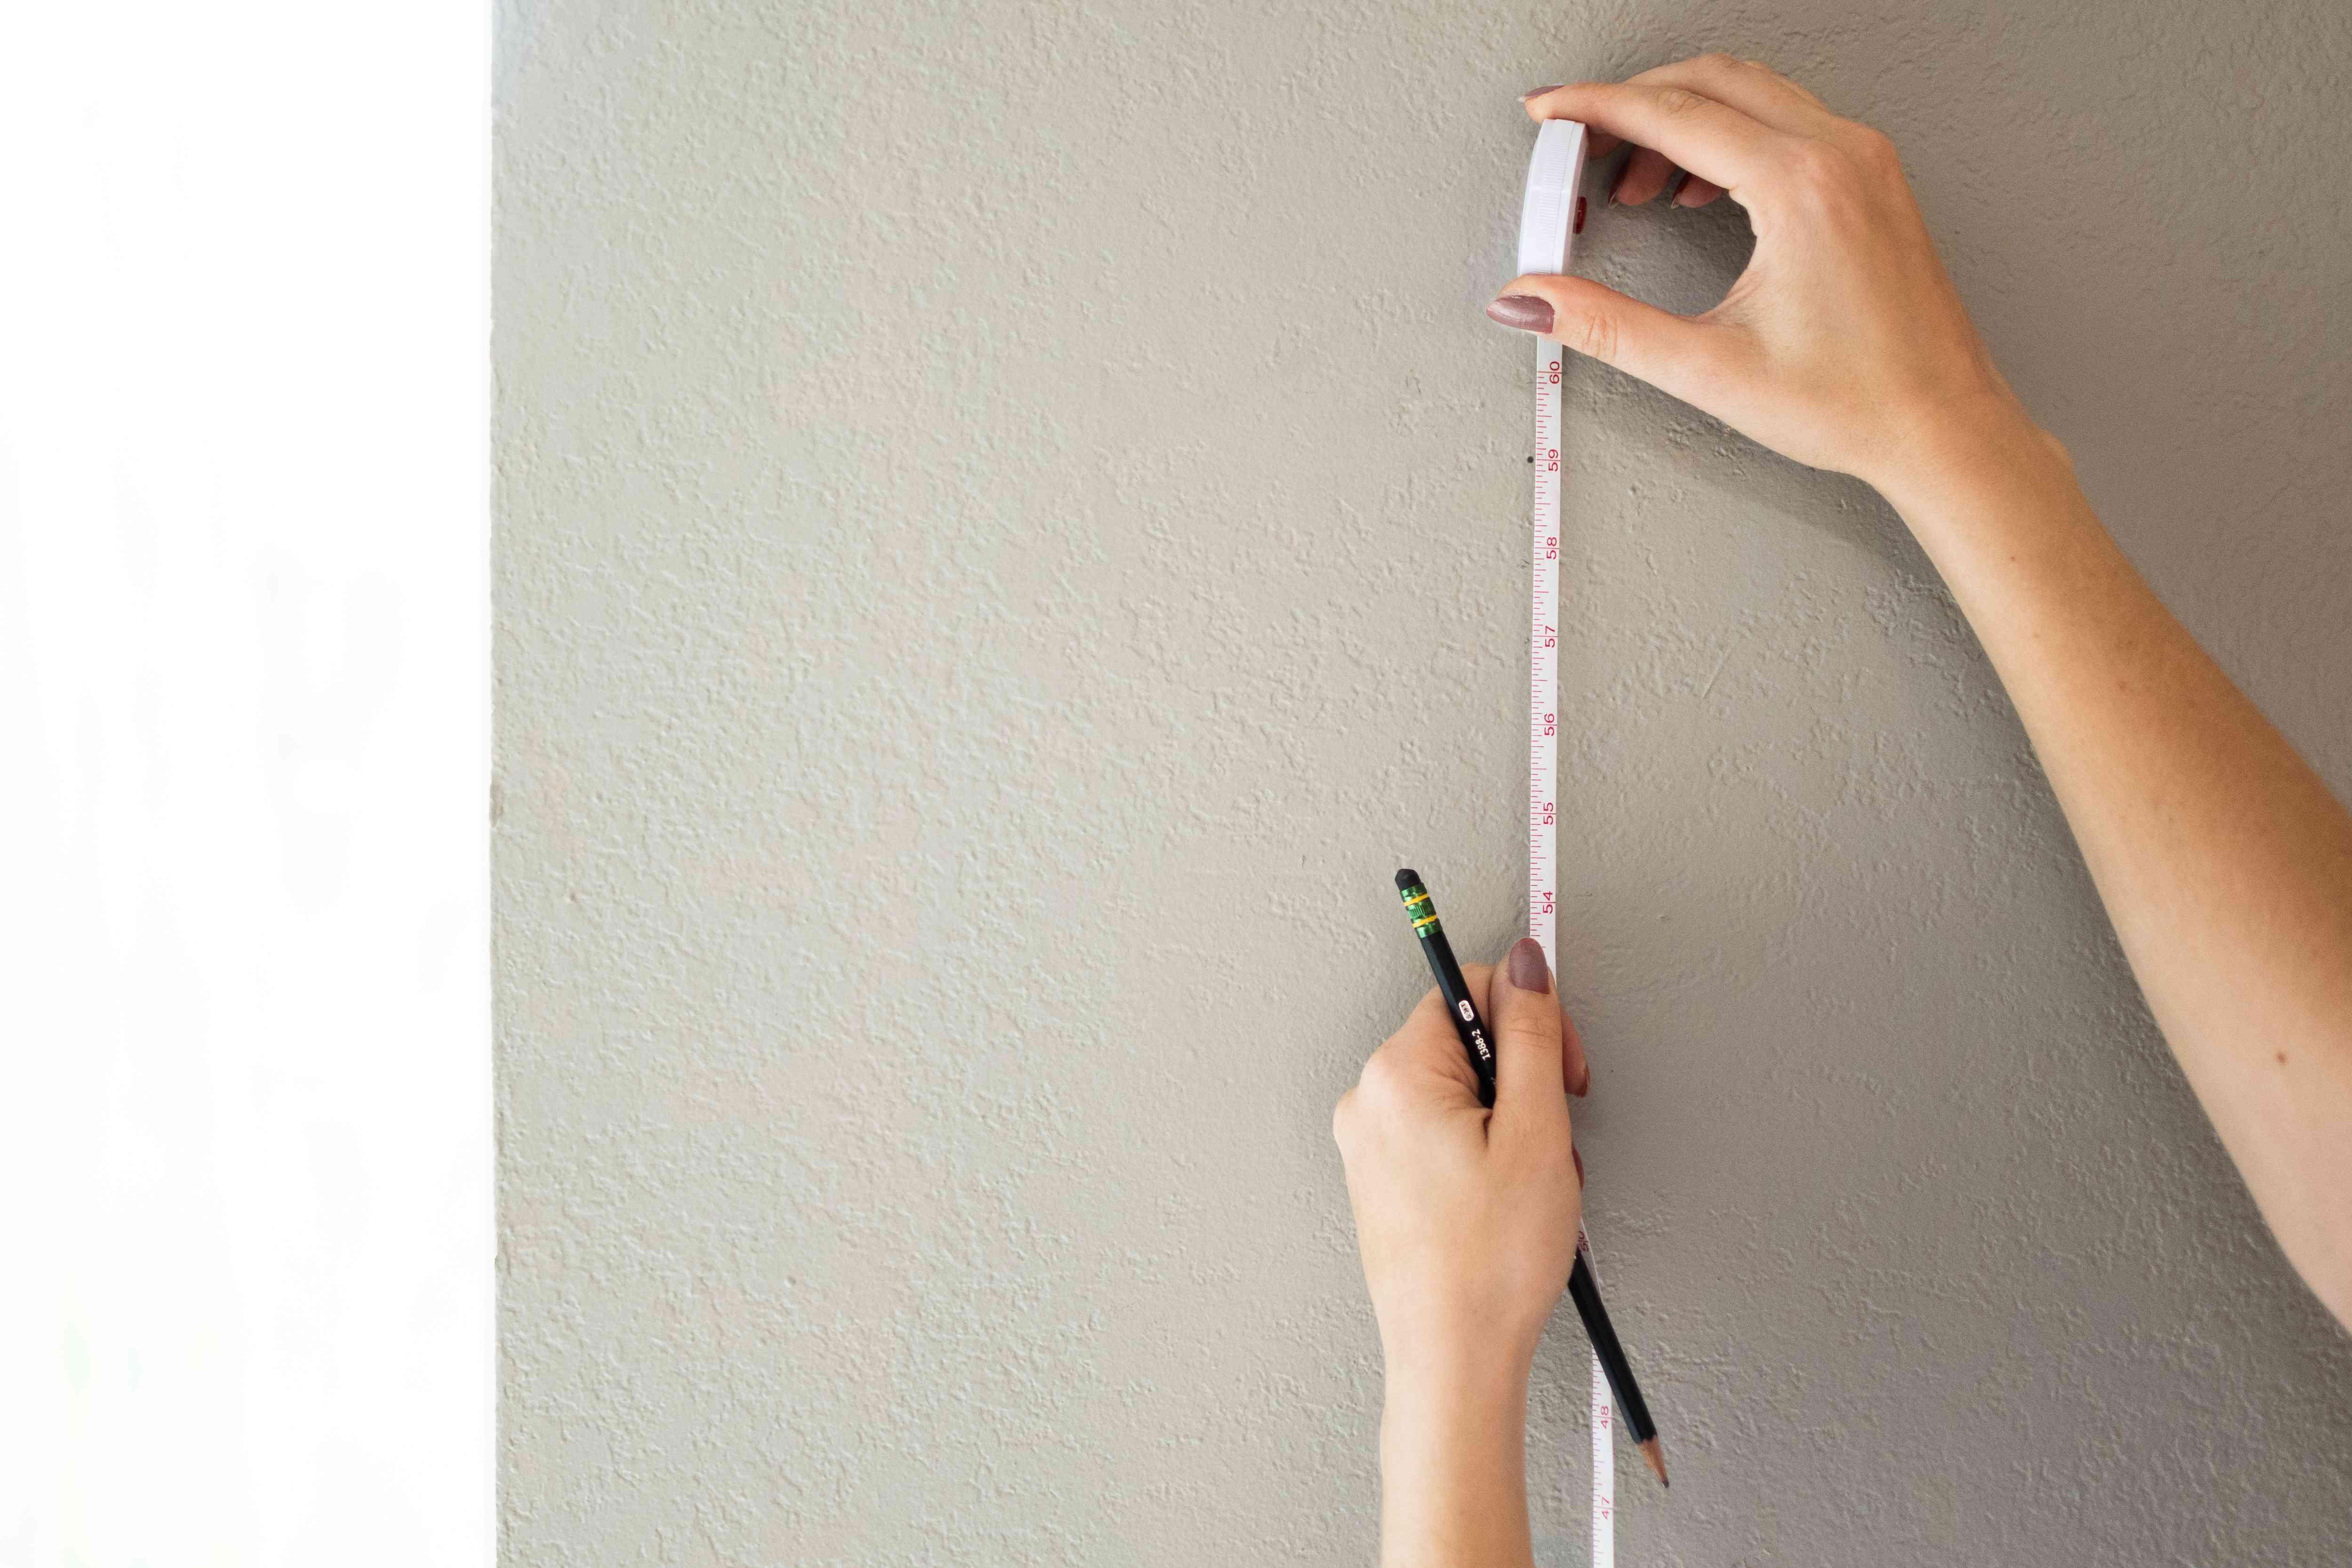 White tape measure determining center mark for frame on wall